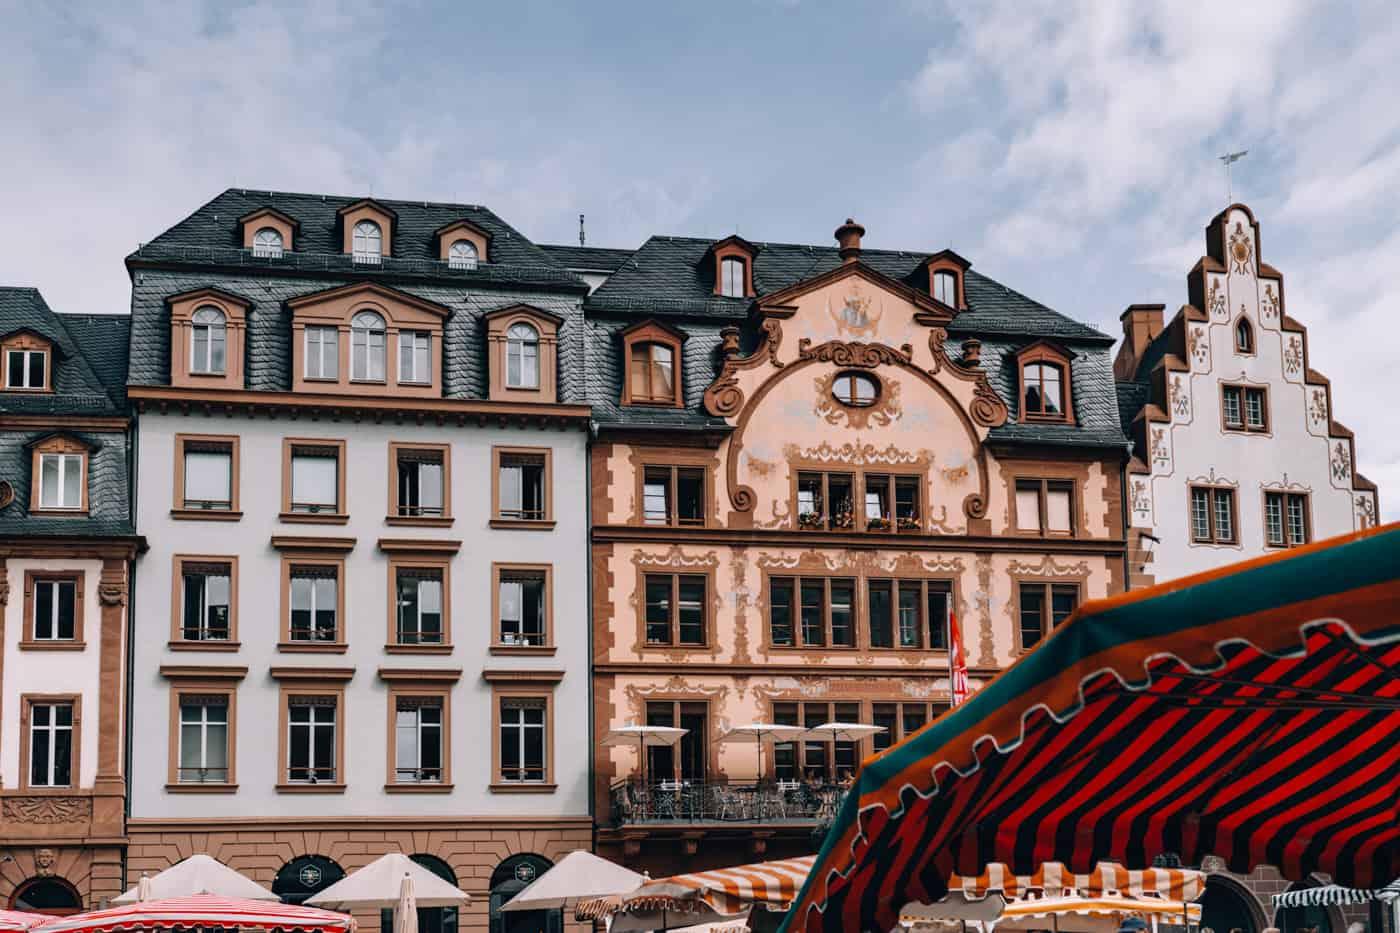 Mainz - Sehenswürdigkeiten, schönste Ecken, Essens- & Insider Tipps: Marktplatz